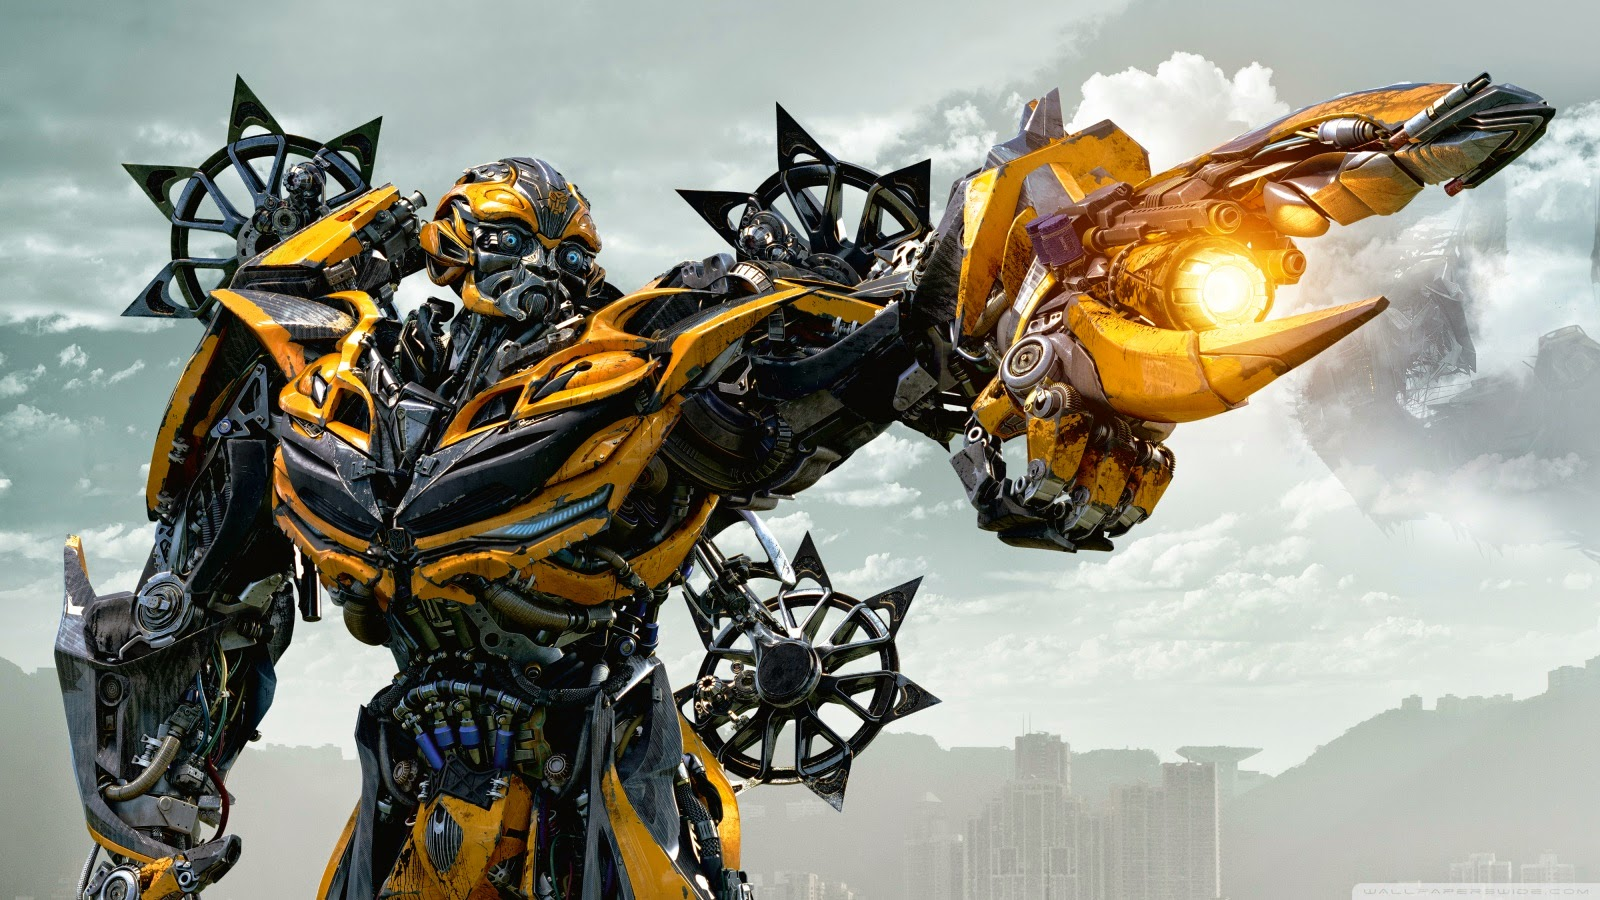 Tải Hình nền Transformers full HD đẹp nhất cho máy tính Star Tuấn